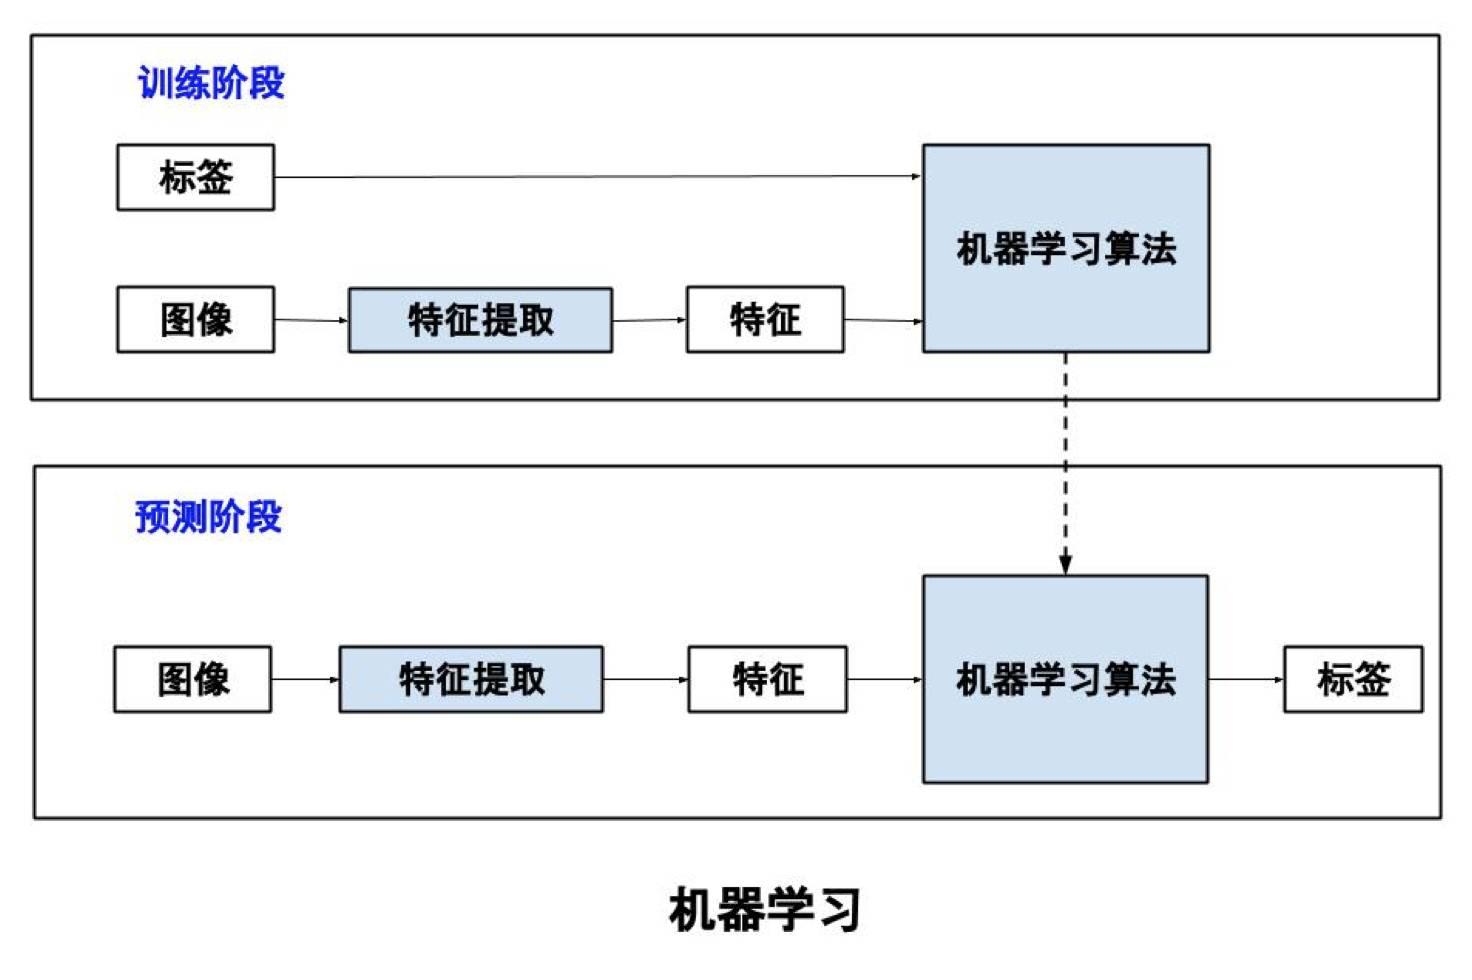 """技術丨""""深度學習""""八大開源框架之一TensorFlow - 微信公眾平臺精彩內容 - 微信邦"""